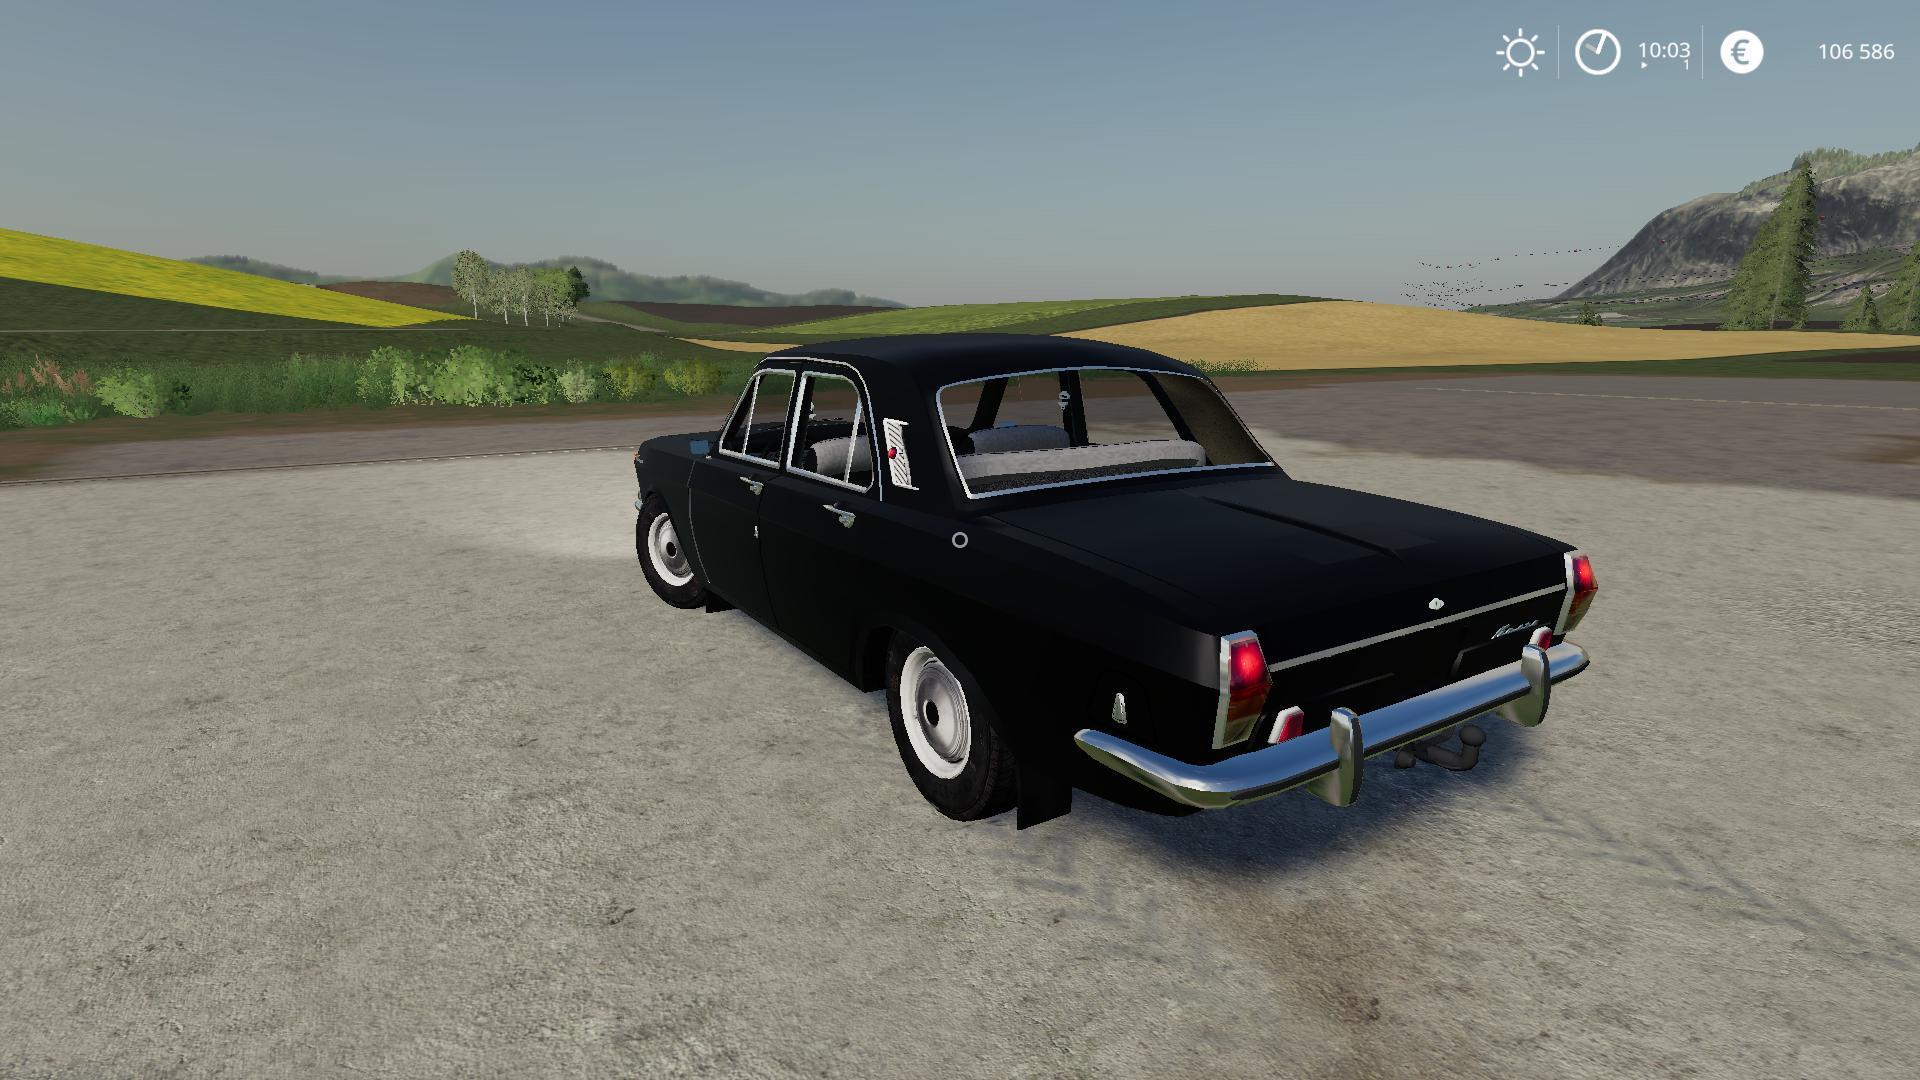 GAZ 24 VOLGA V1.0 | FS19 mods, Farming simulator 19 mods